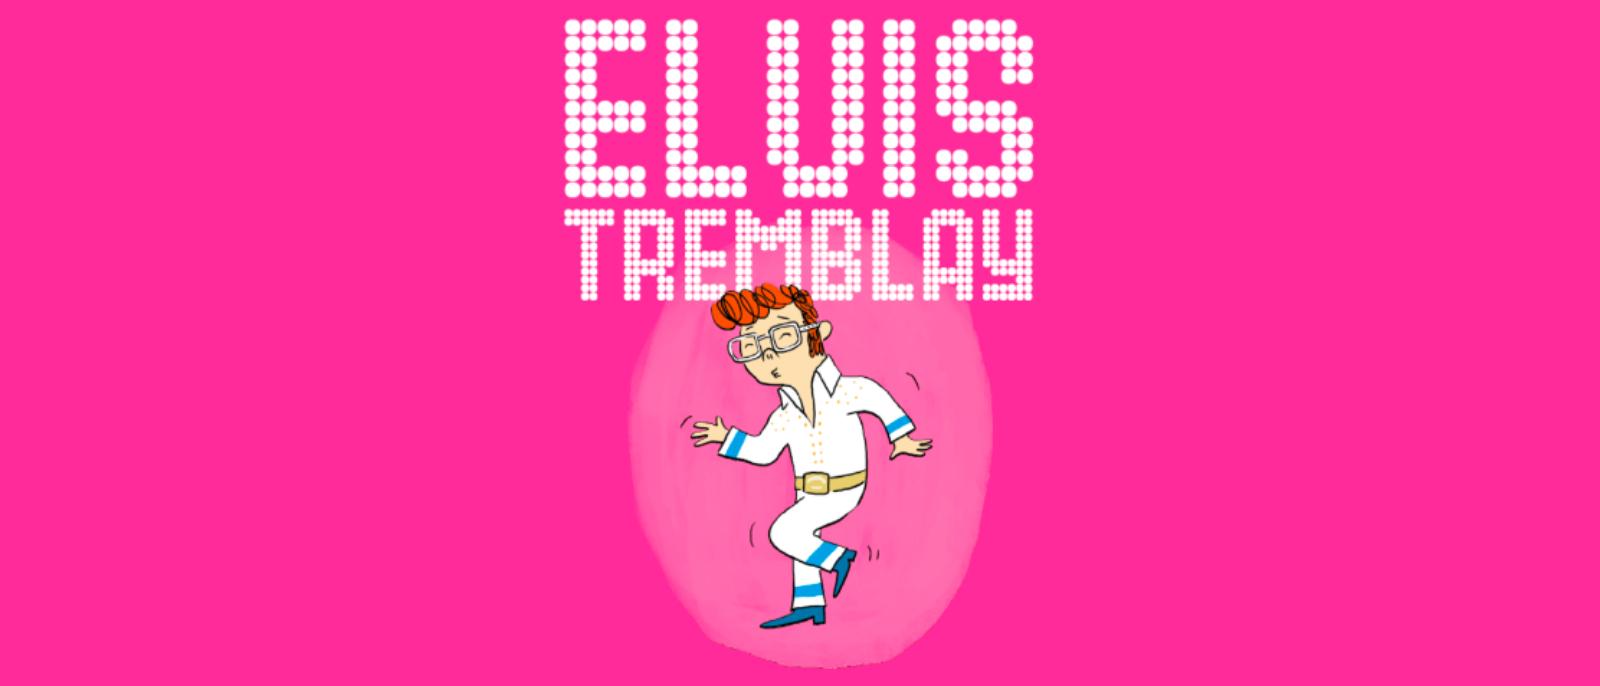 ELVIS TREMBLAY : jusqu'où faut-il aller pour trouver l'amour? 💕